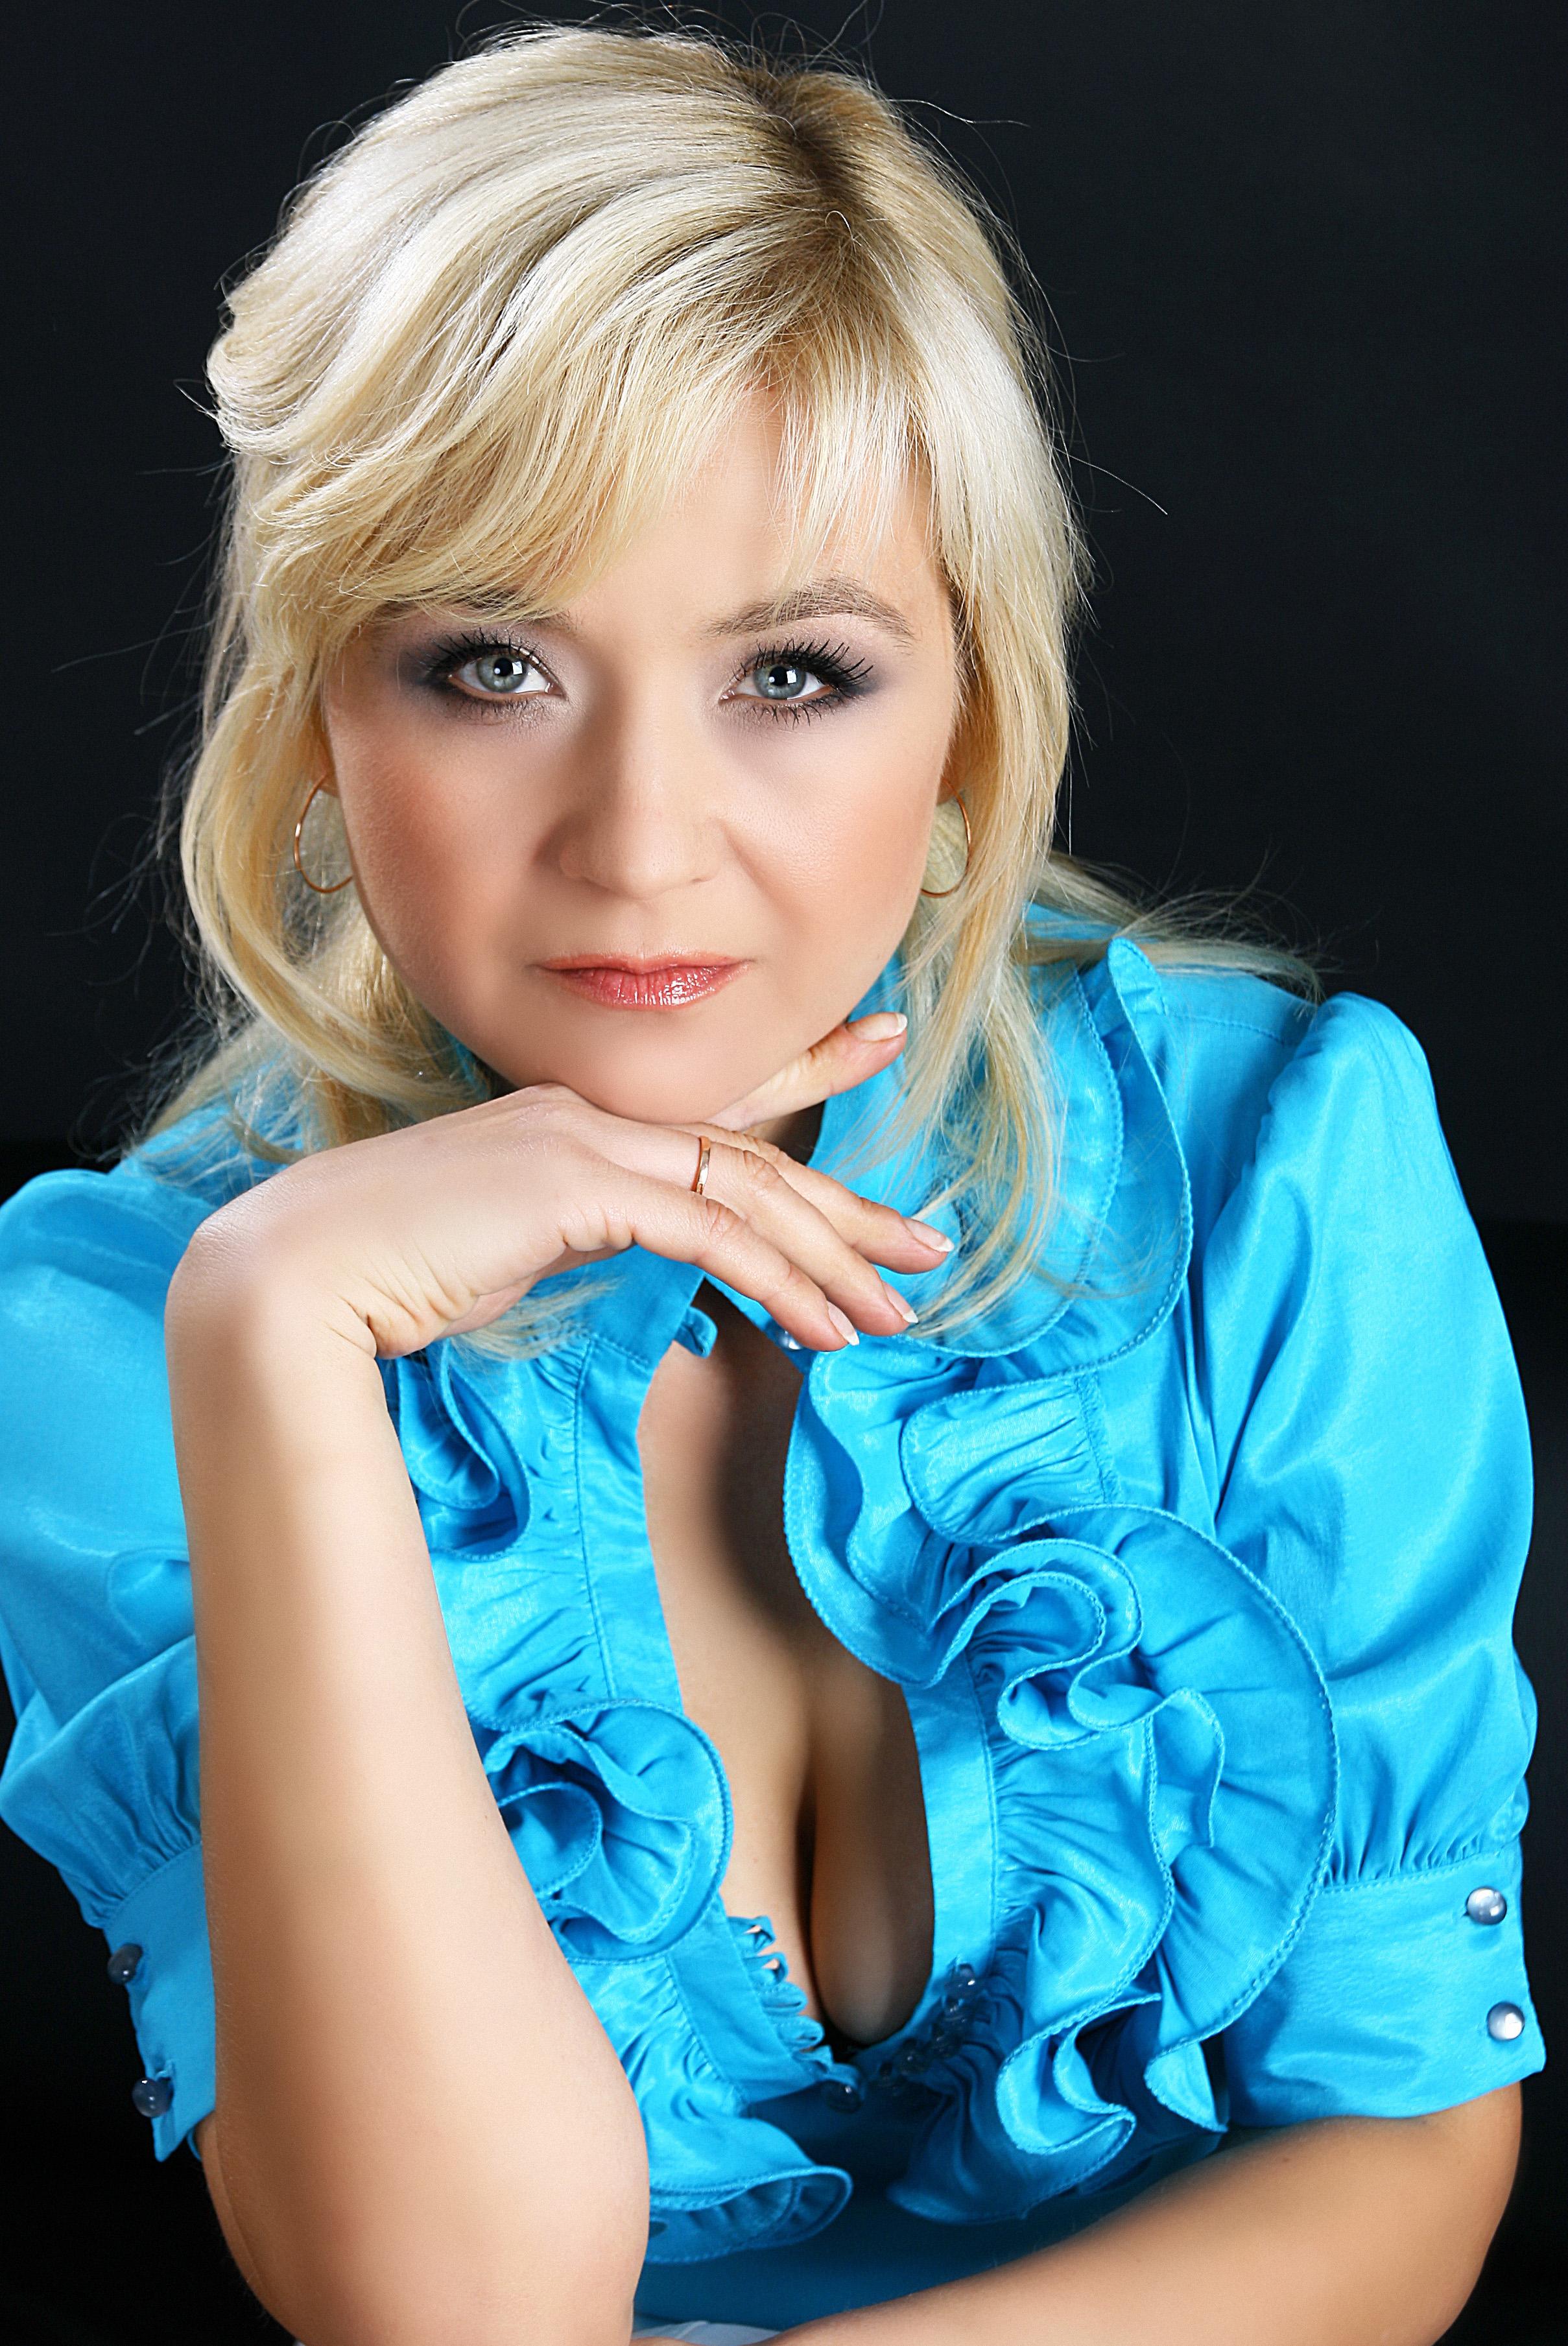 Kiev dating agency